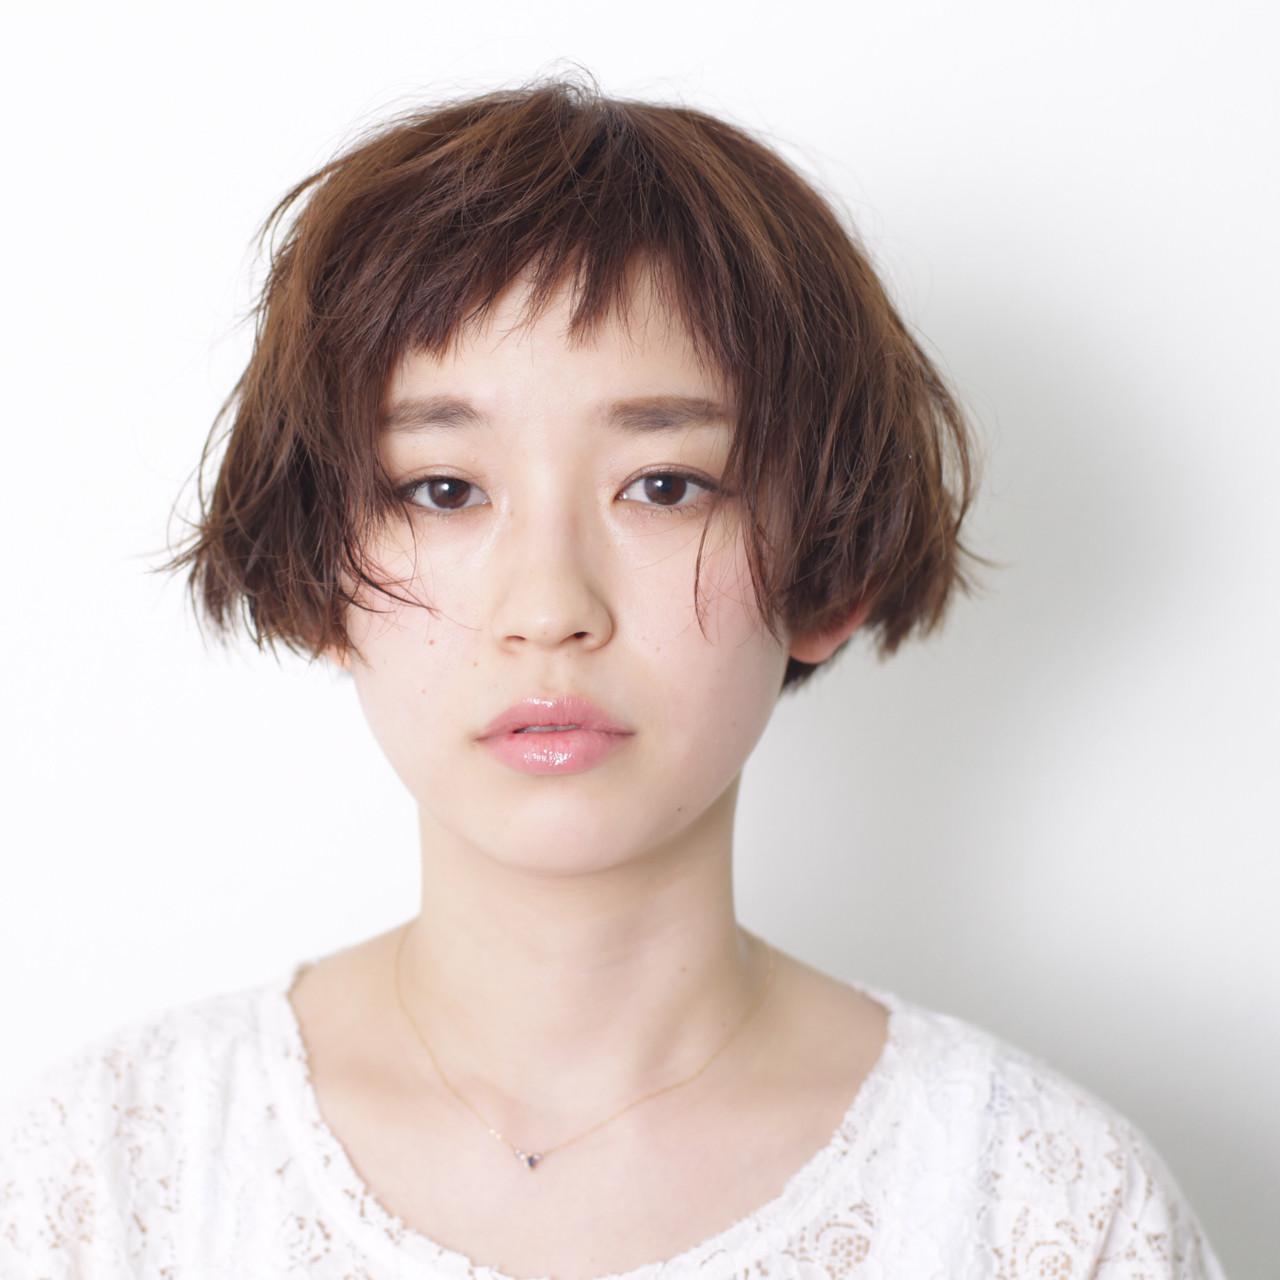 オン眉 ウェットヘア ナチュラル 前髪ありヘアスタイルや髪型の写真・画像